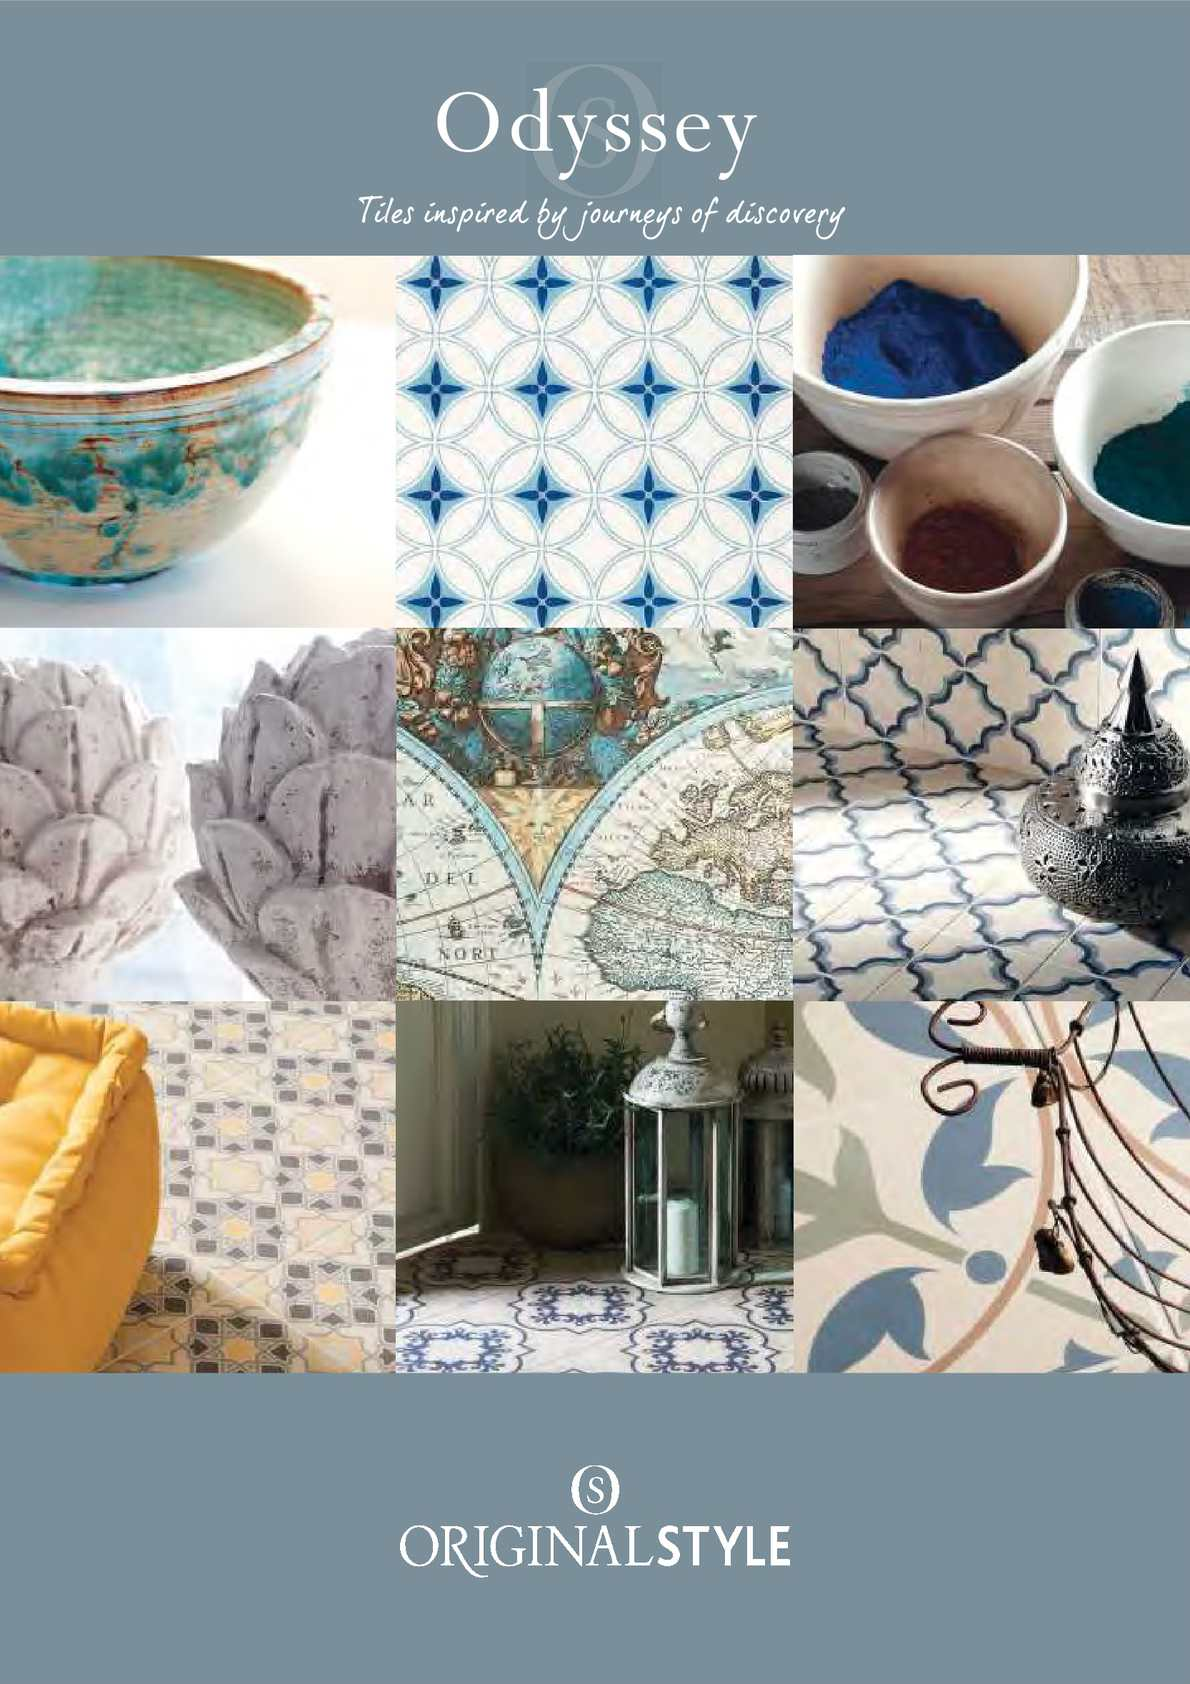 Calaméo Original Style Odyssey Brochure - Carrelage salle de bain et linie design tapis